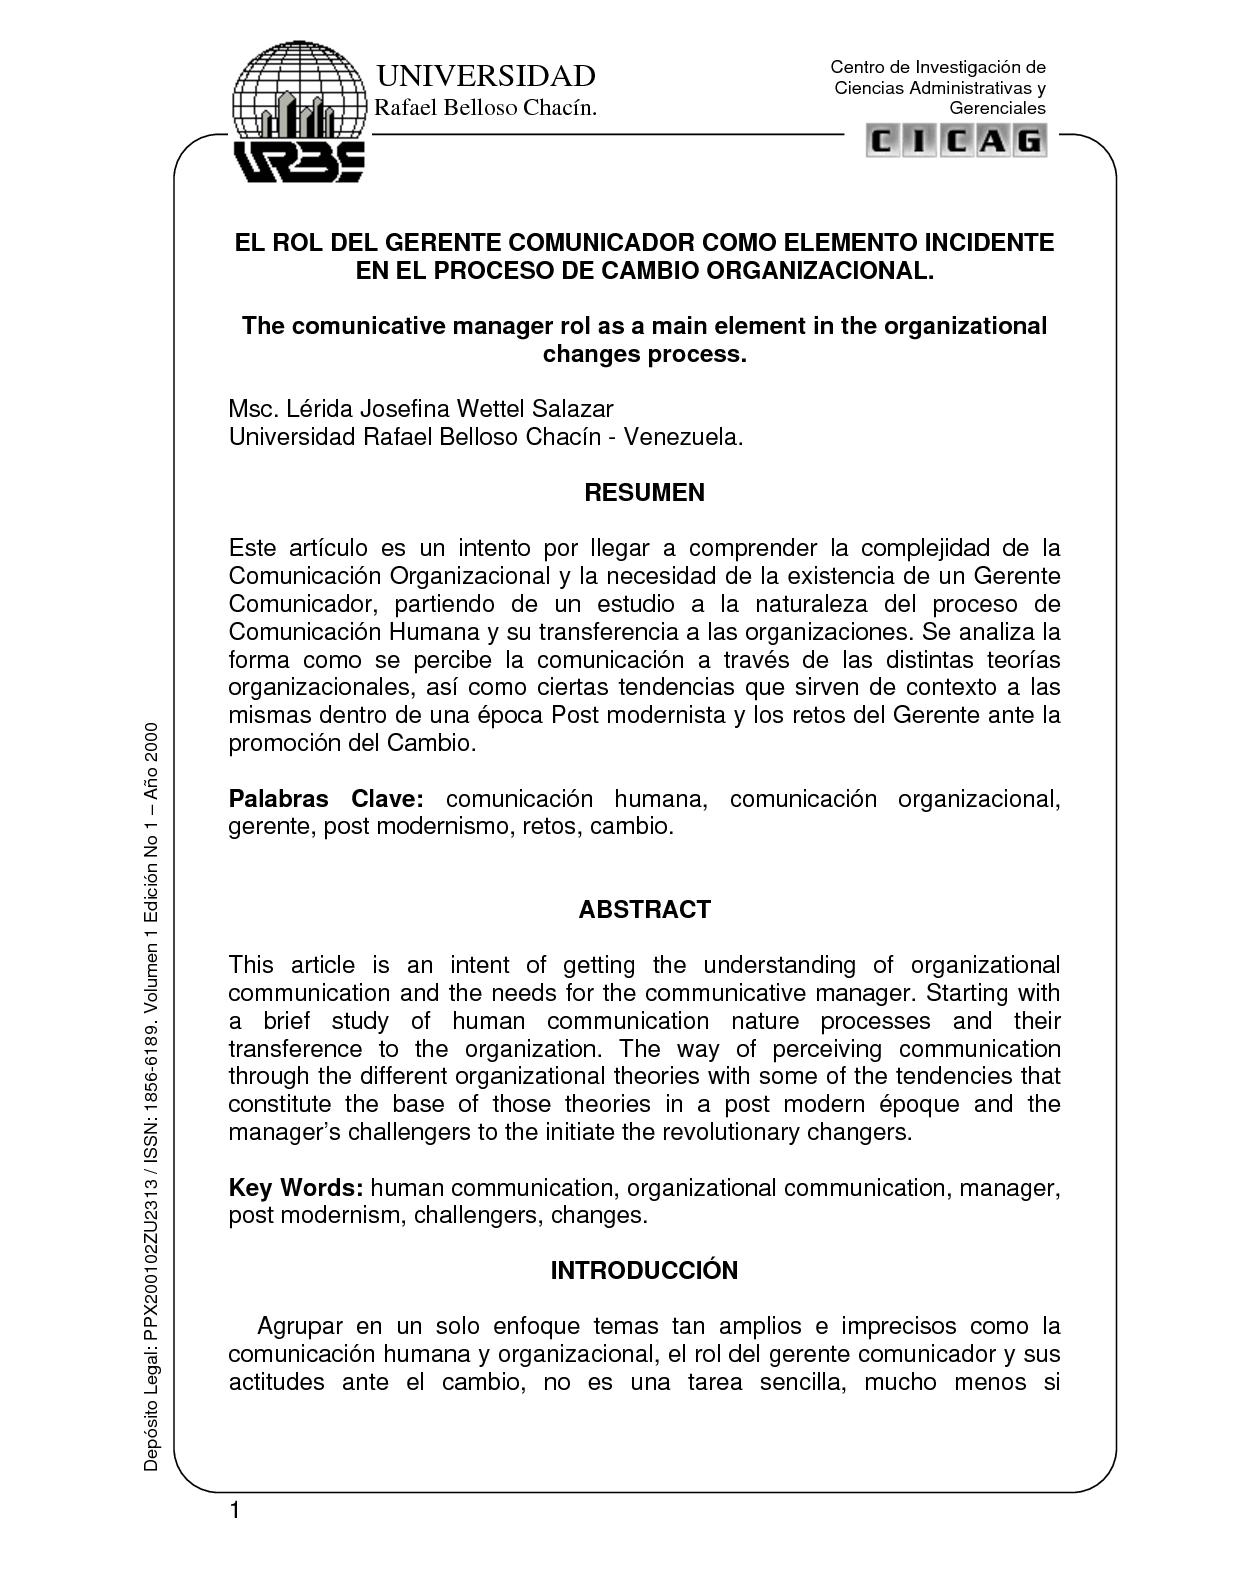 Calaméo - EL ROL DEL GERENTE COMUNICADOR COMO ELEMENTO INCIDENTE EN ...